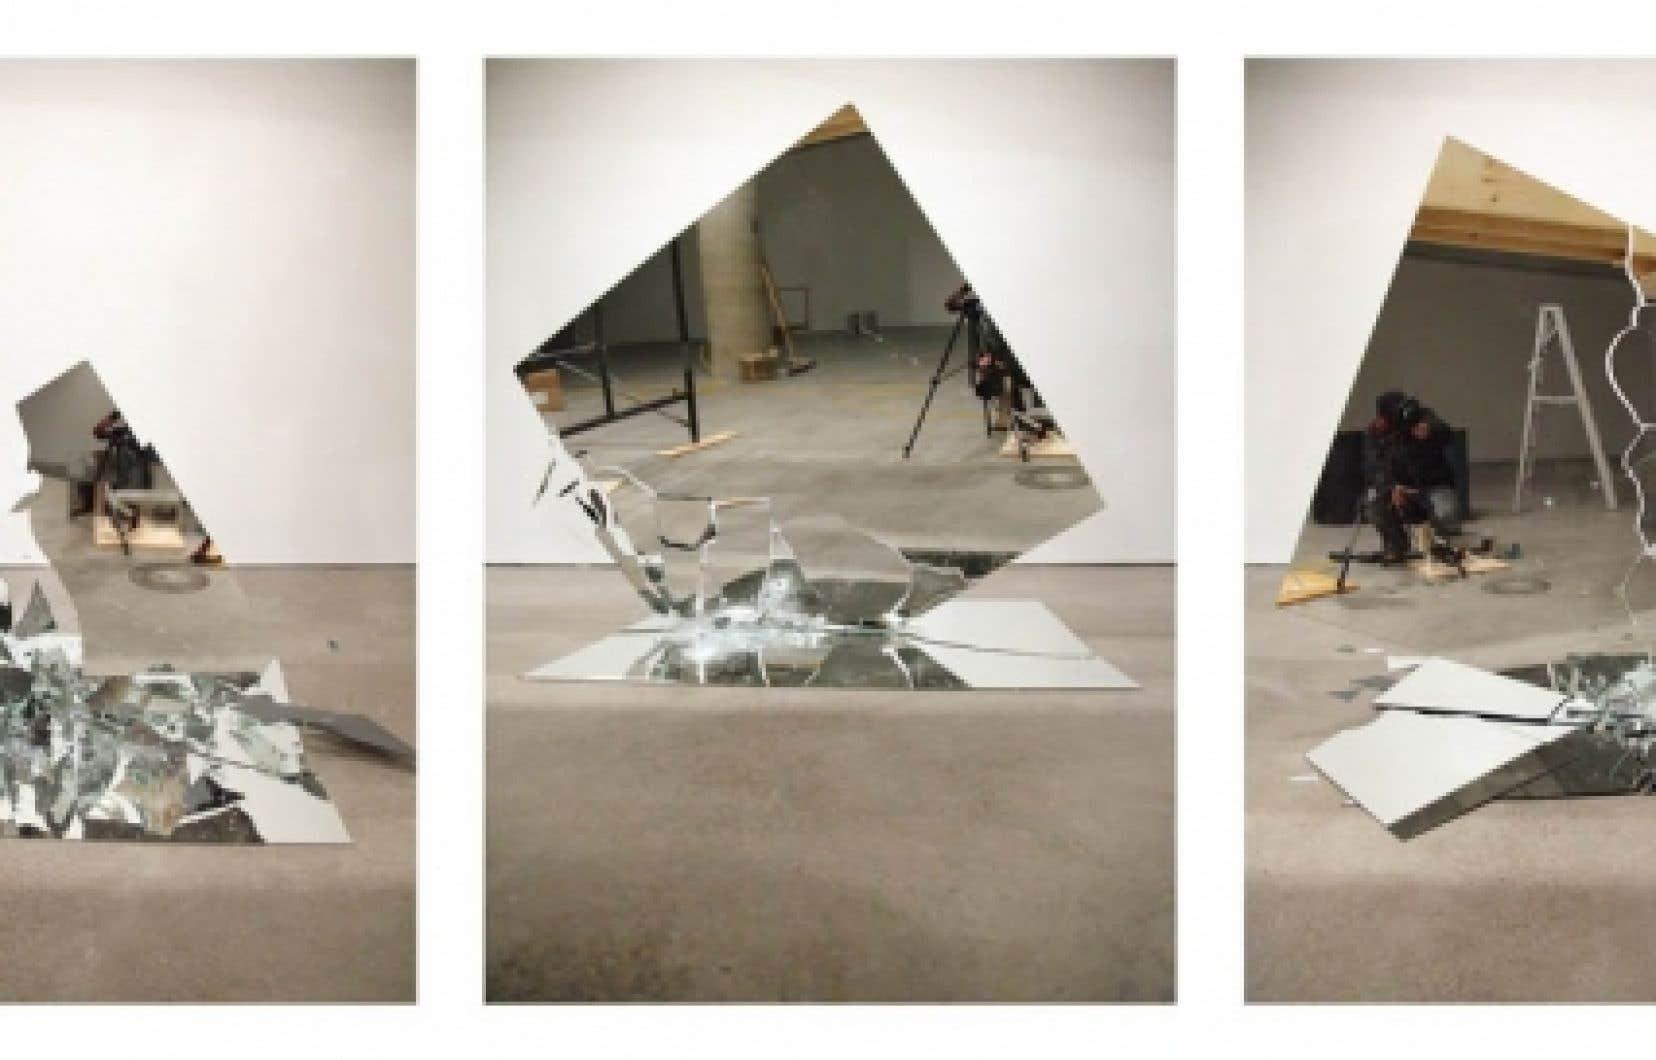 L'expansion de la galerie de l'UQAM se traduit aussi par une première occupation des fenêtres rue Berri. Les passants pourront y voir trois photos de Gwenaël Bélanger, prises à l'intérieur de la galerie. Une manière de refléter l'intérieur à l'extérieur.